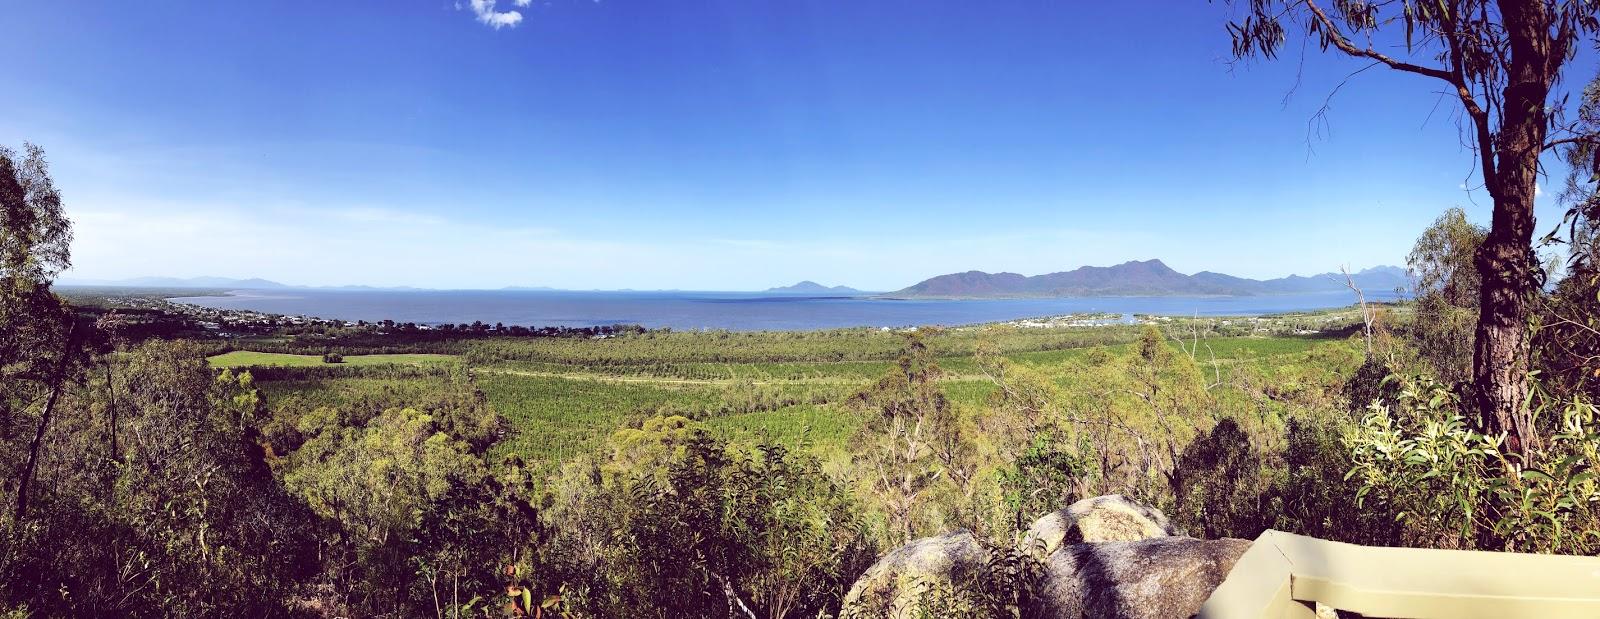 Punkt widokowy w australijskim miasteczku Cardwell na Morze Koralowe i wyspę Hinchbrook